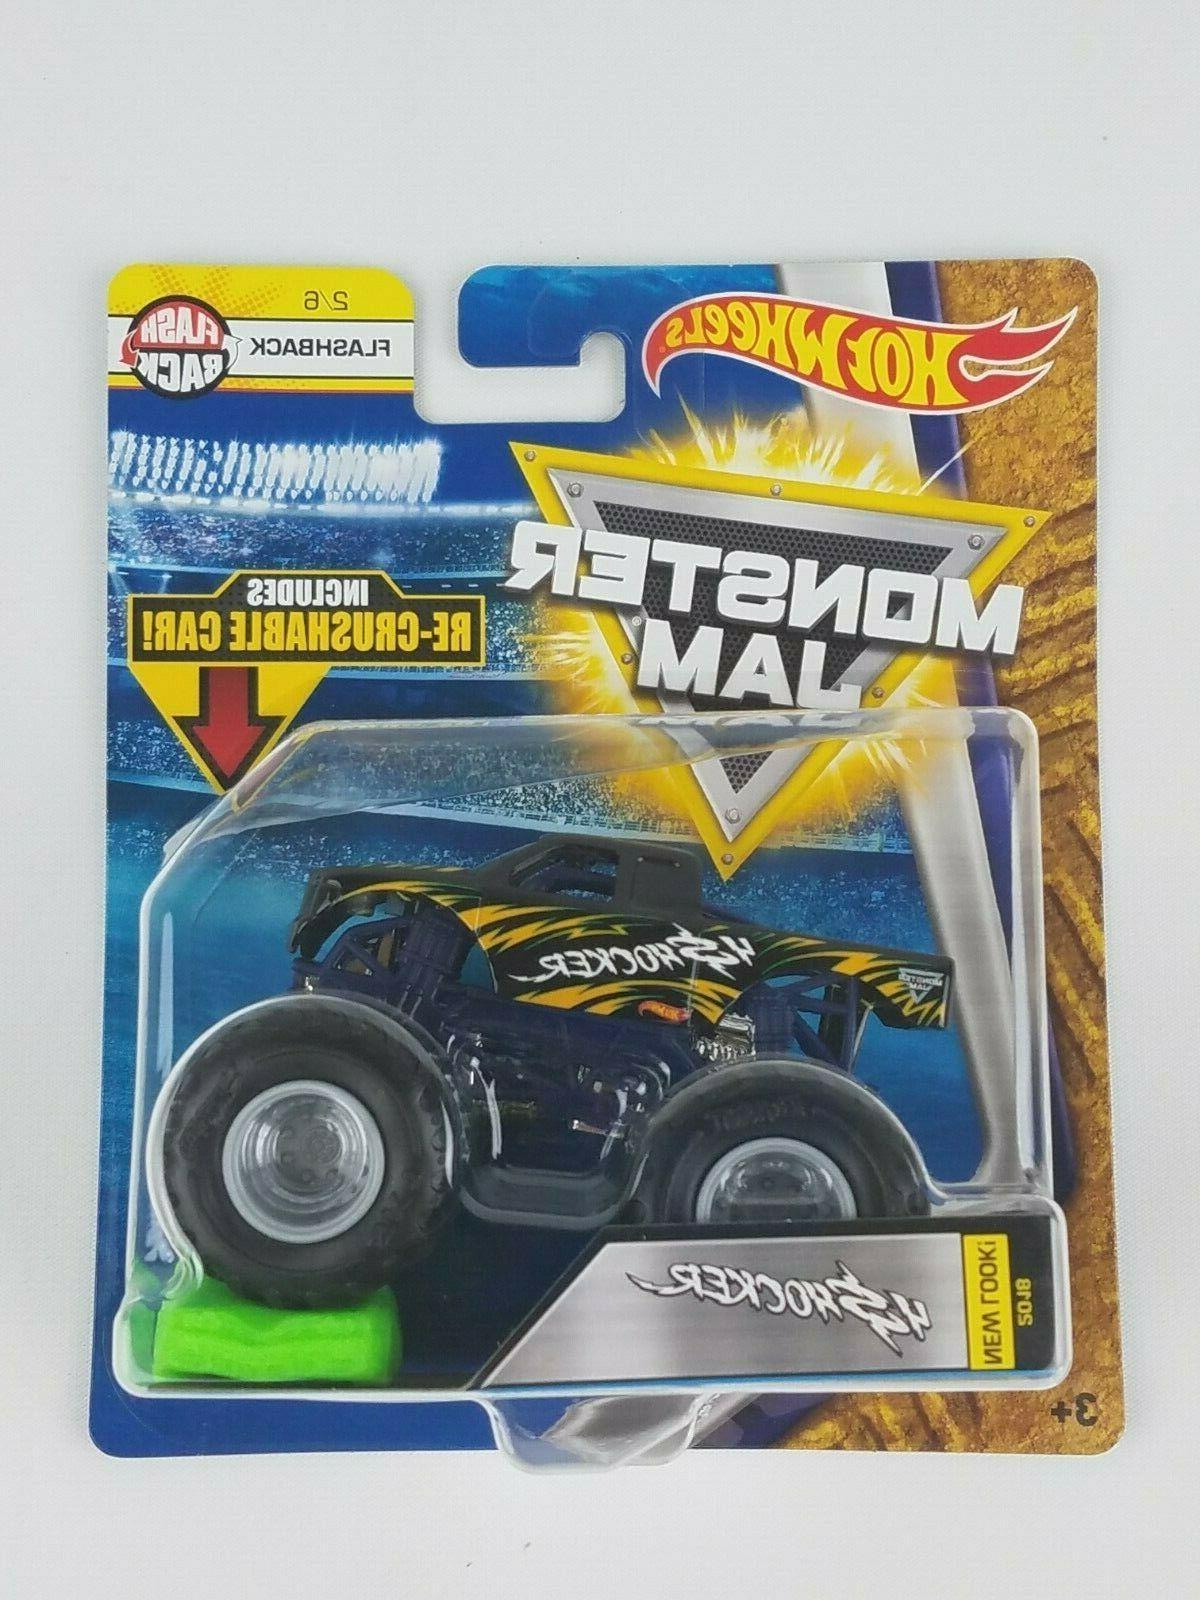 hot wheels monster jam titan 1 64th